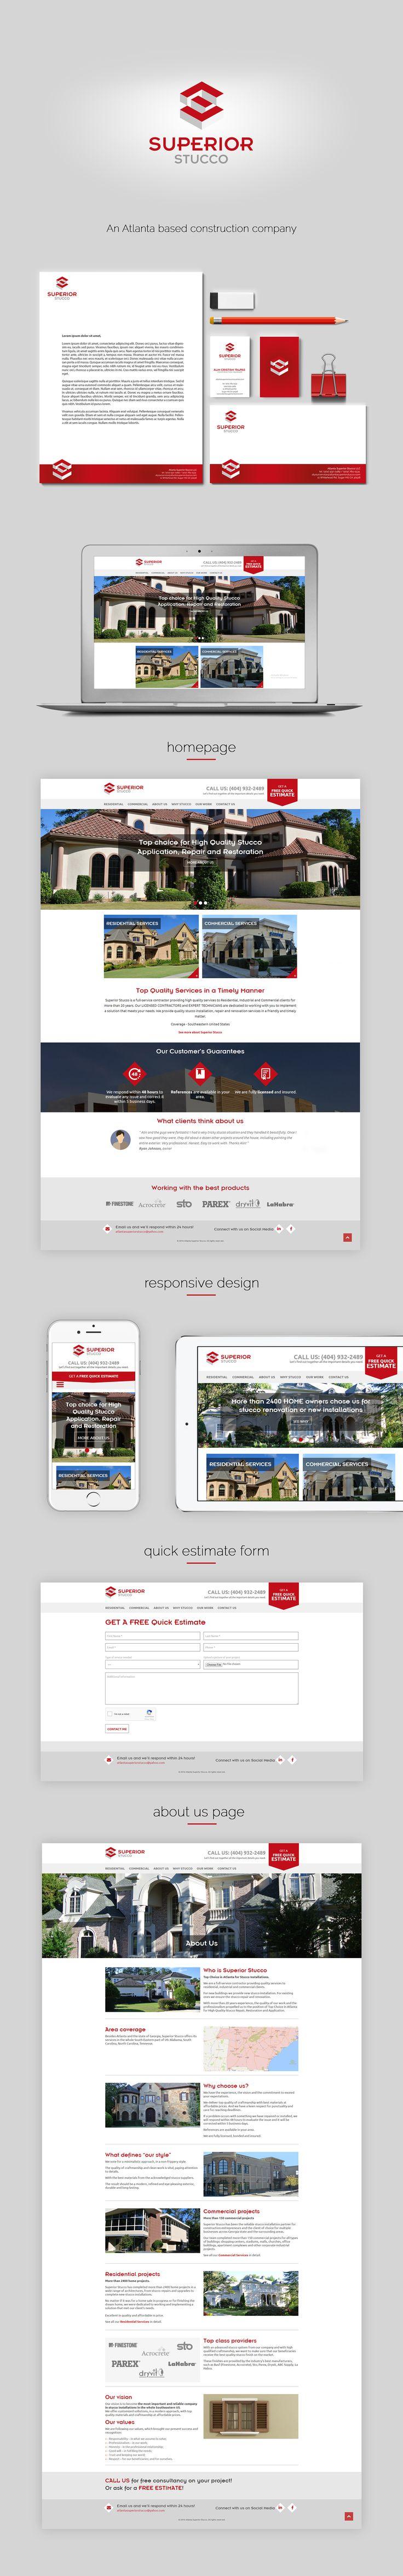 Superior Stucco branding and webdesign